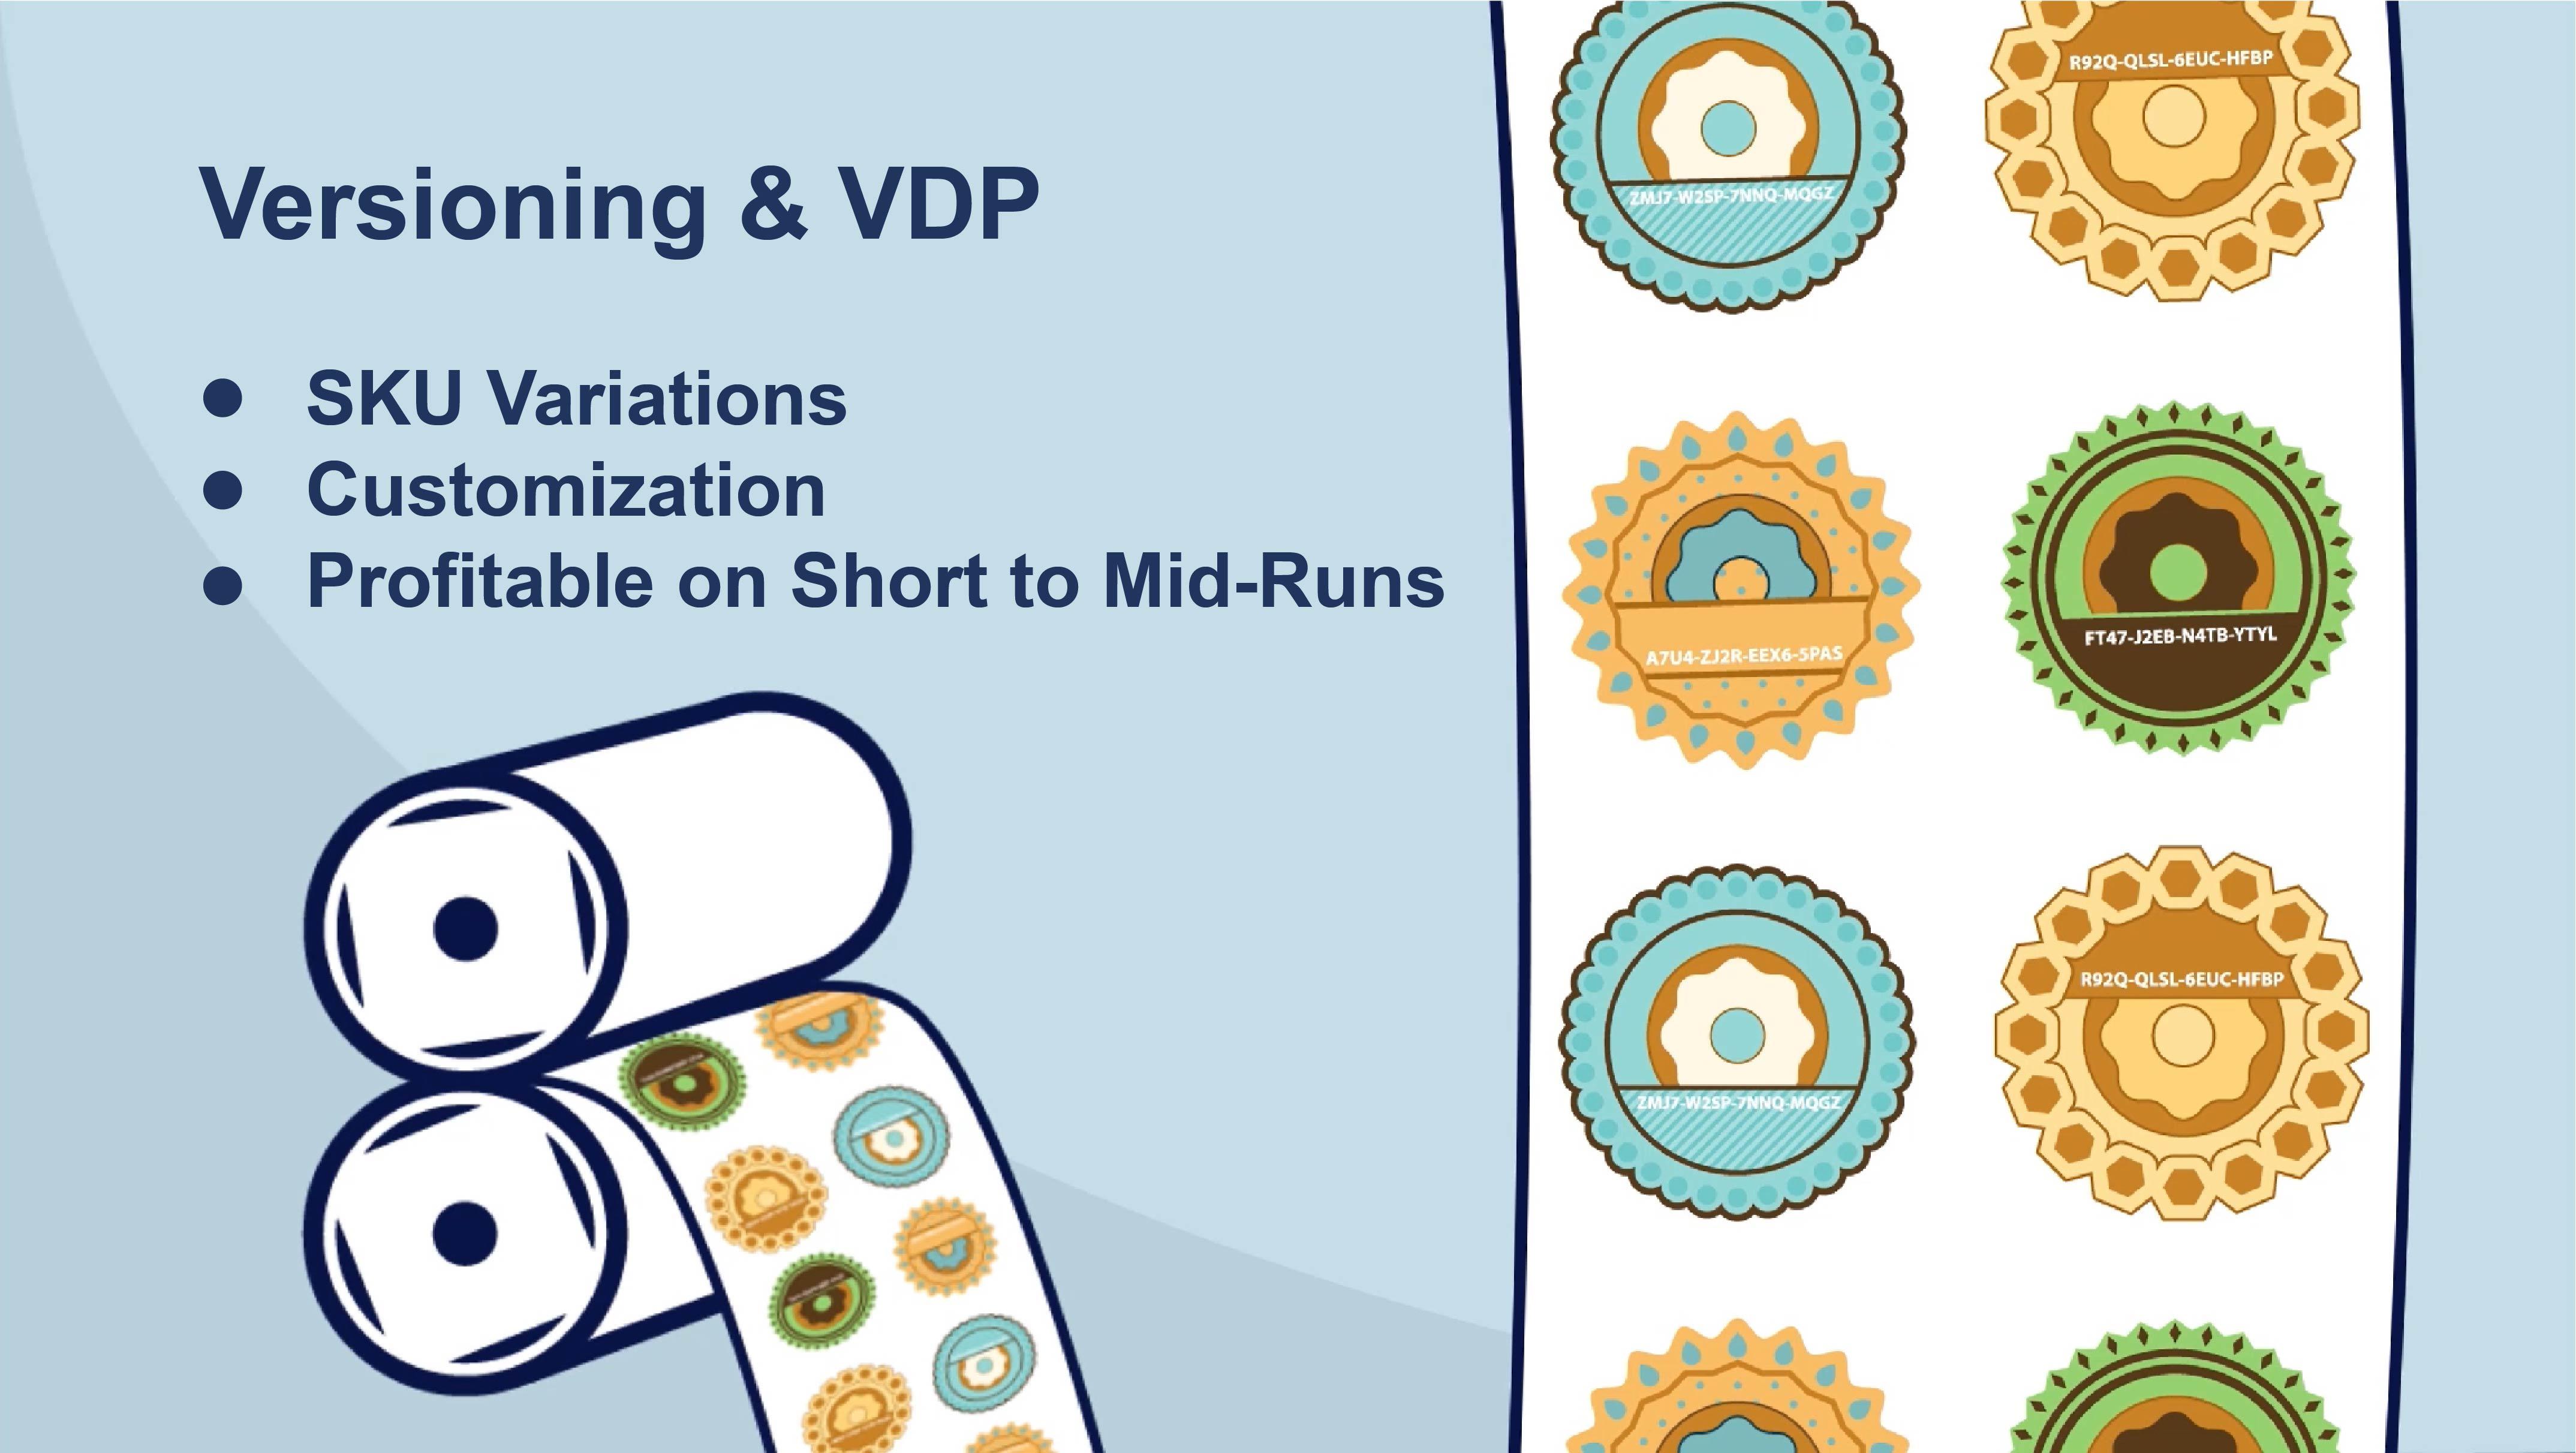 versioning_and_variable_data_printing